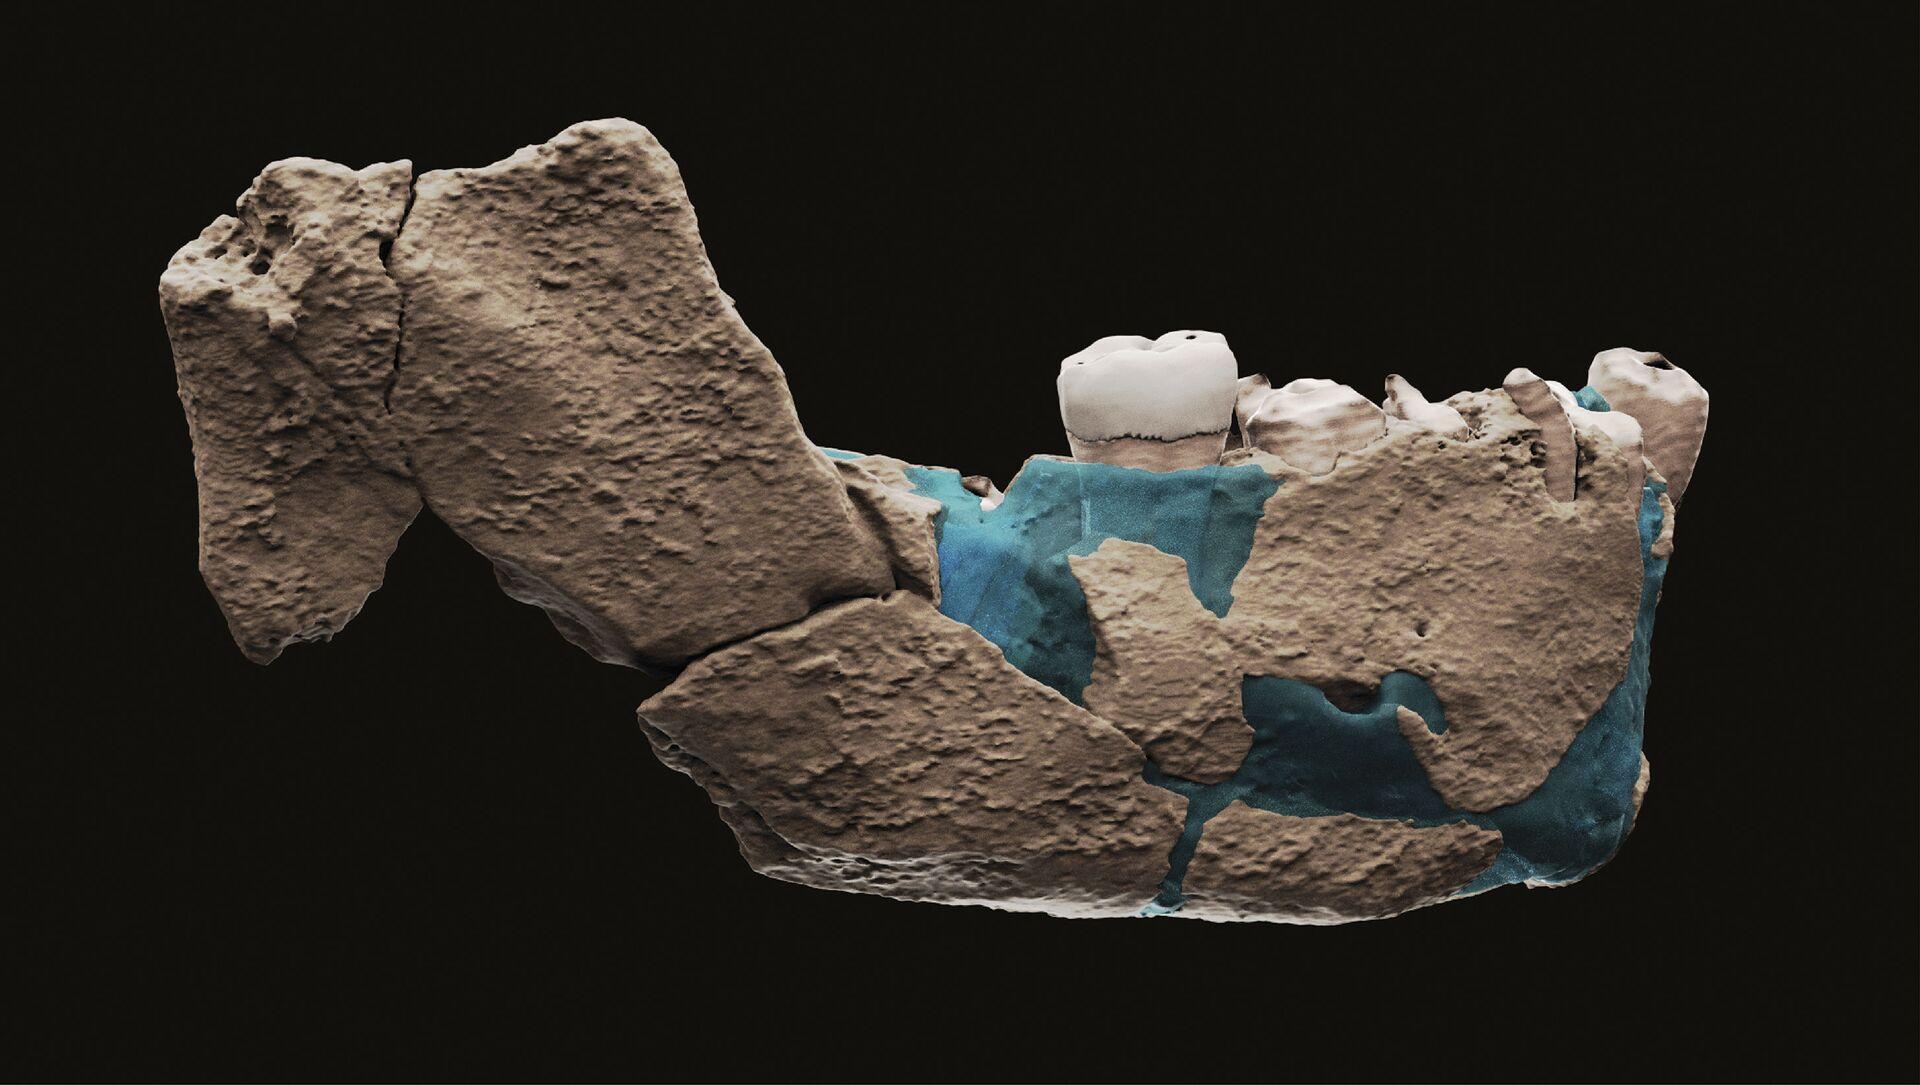 Ostaci nađeni na arheološkom nalazištu Nešer Ramla u Izraelu - Sputnik Srbija, 1920, 25.06.2021